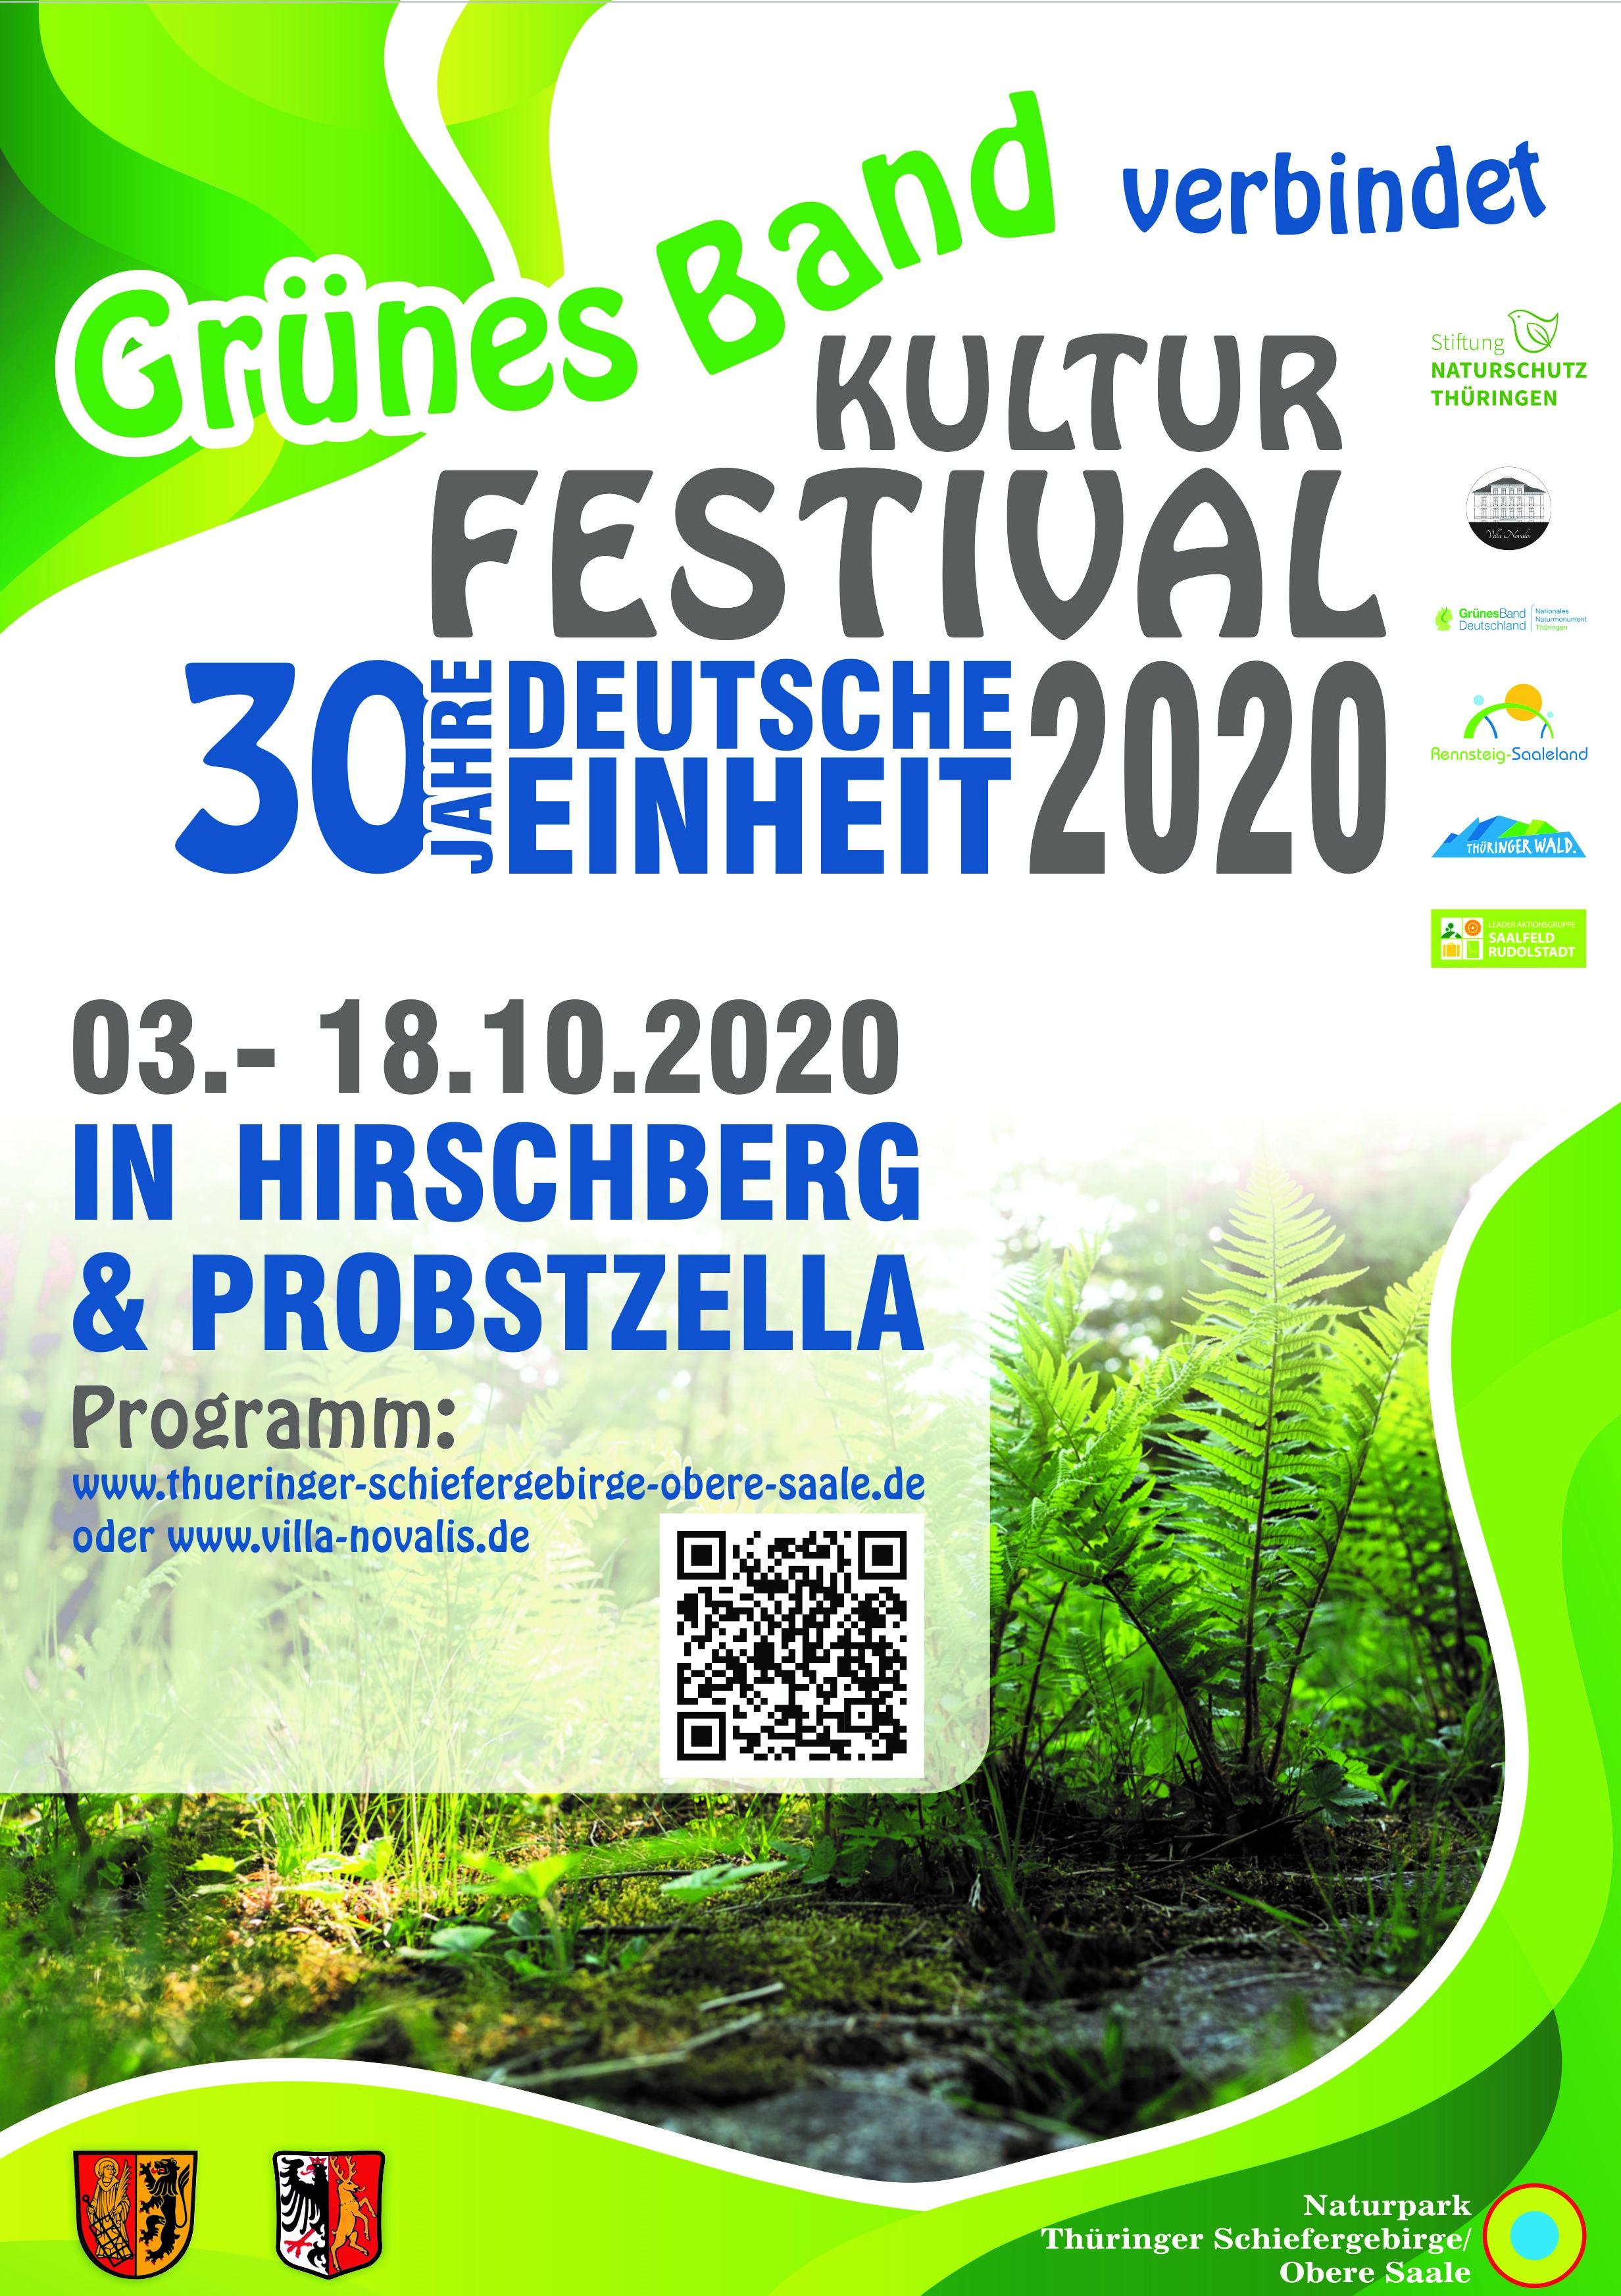 Plakat Kulturfestival am Grünen Band - 30 Jahre Deutsche Einheit, Gestaltung: Werbung Röhling, Bad Lobenstein